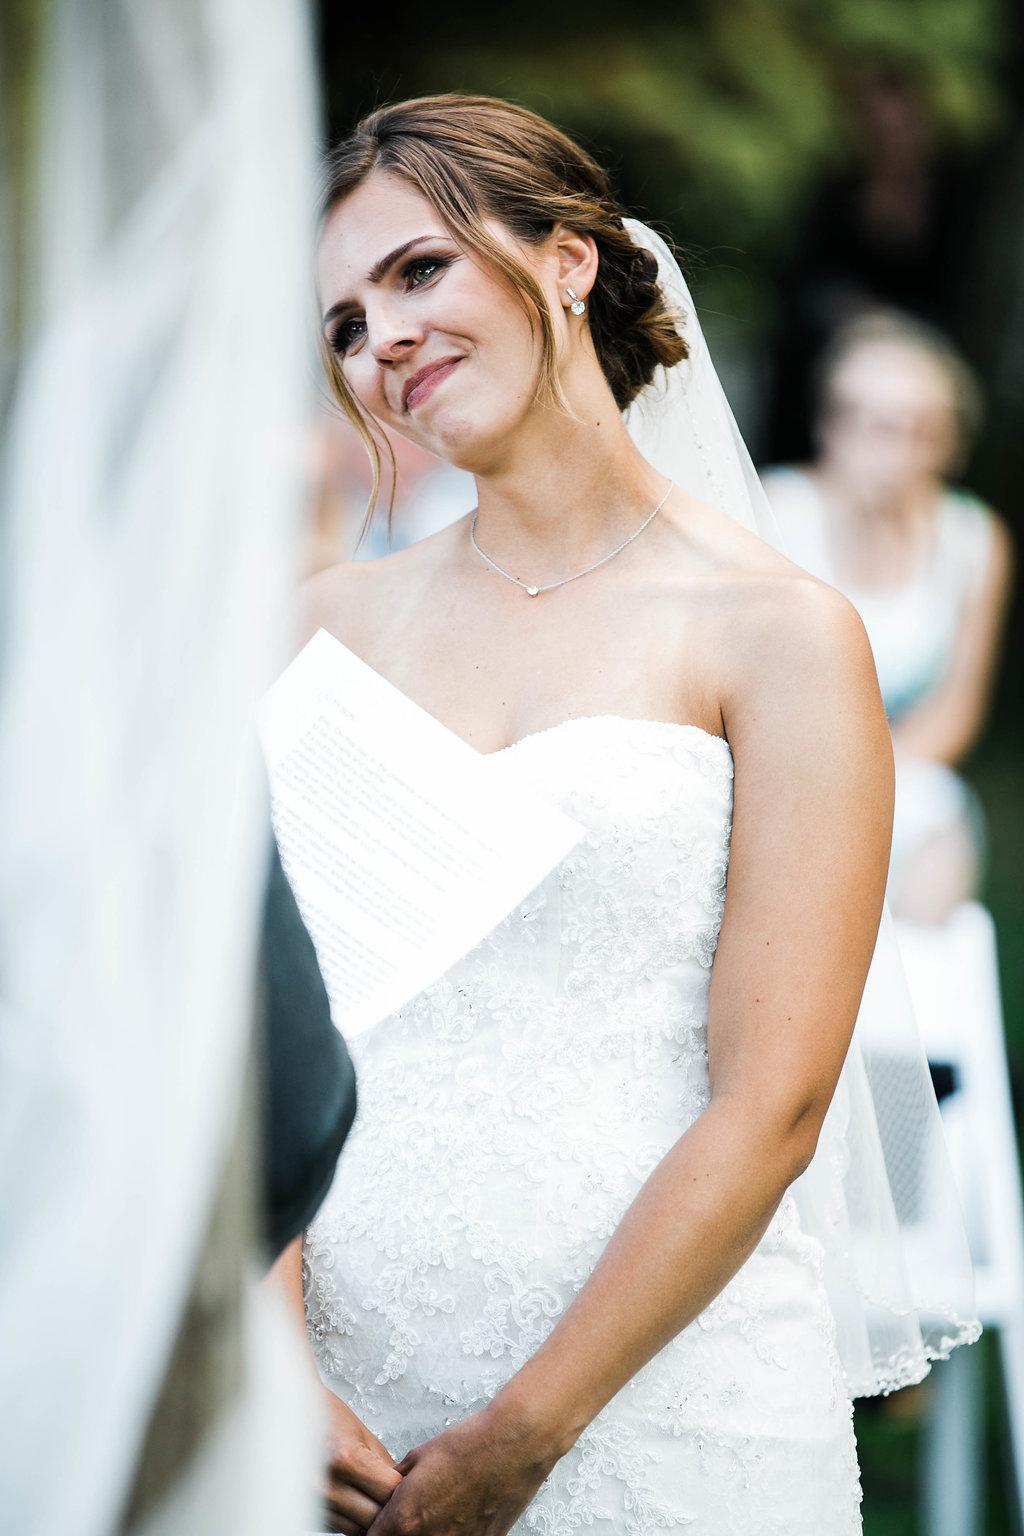 Erin+Tyson_The_Kelley_Farm_Wedding_by_Adina_Preston_Weddings_673.JPG